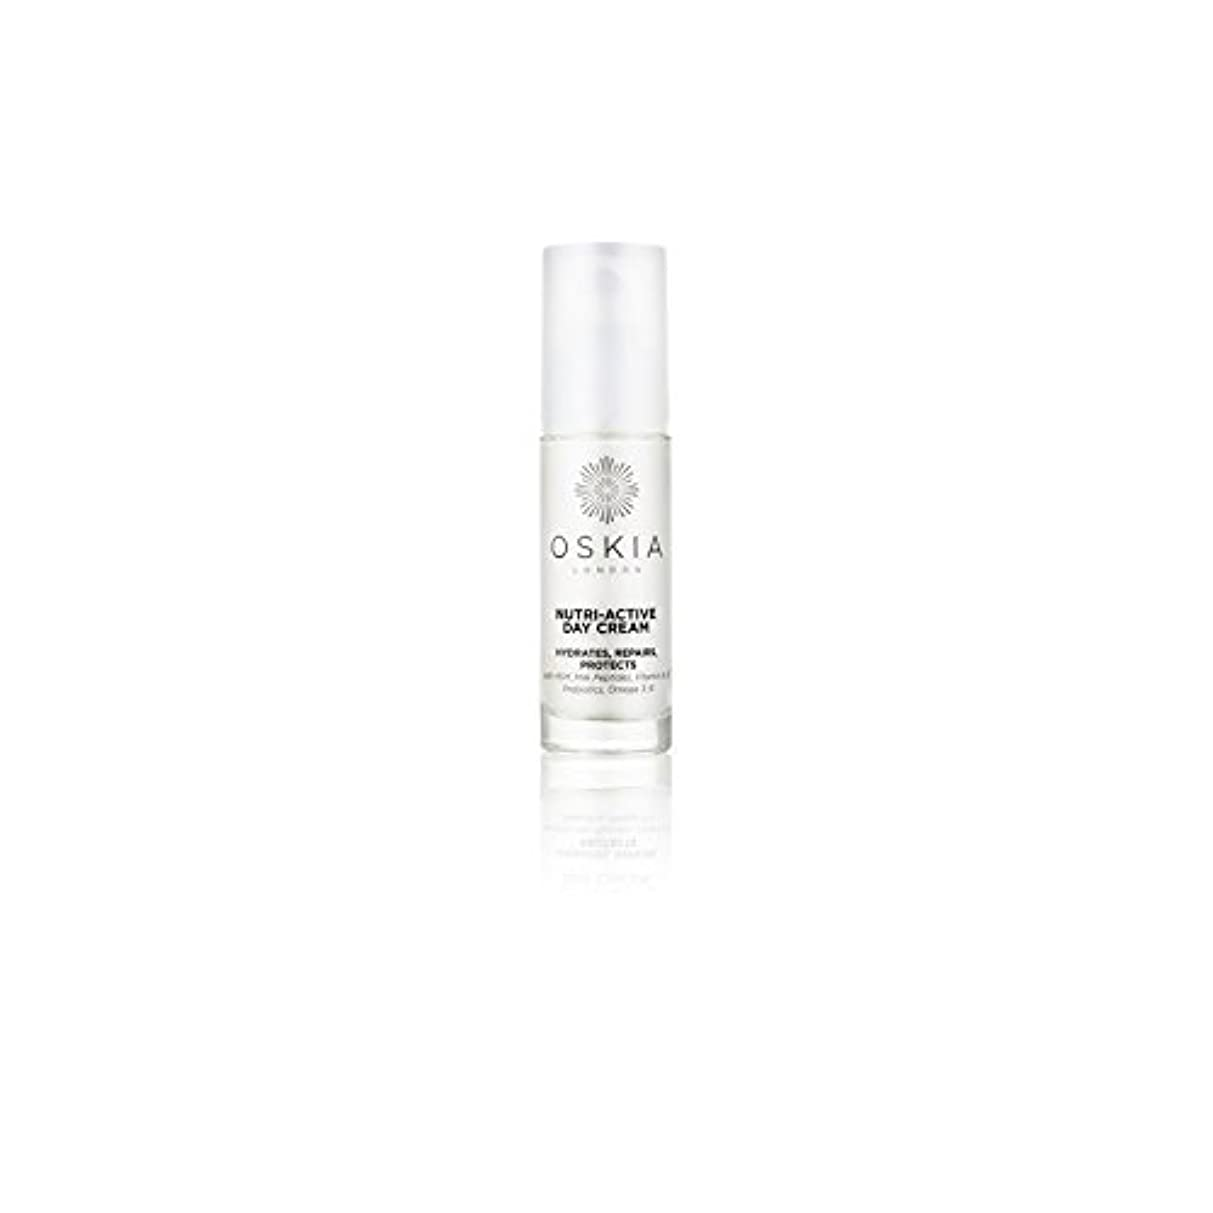 否定するパンチ罪Oskia Nutri-Active Day Cream (40ml) - のニュートリアクティブデイクリーム(40ミリリットル) [並行輸入品]